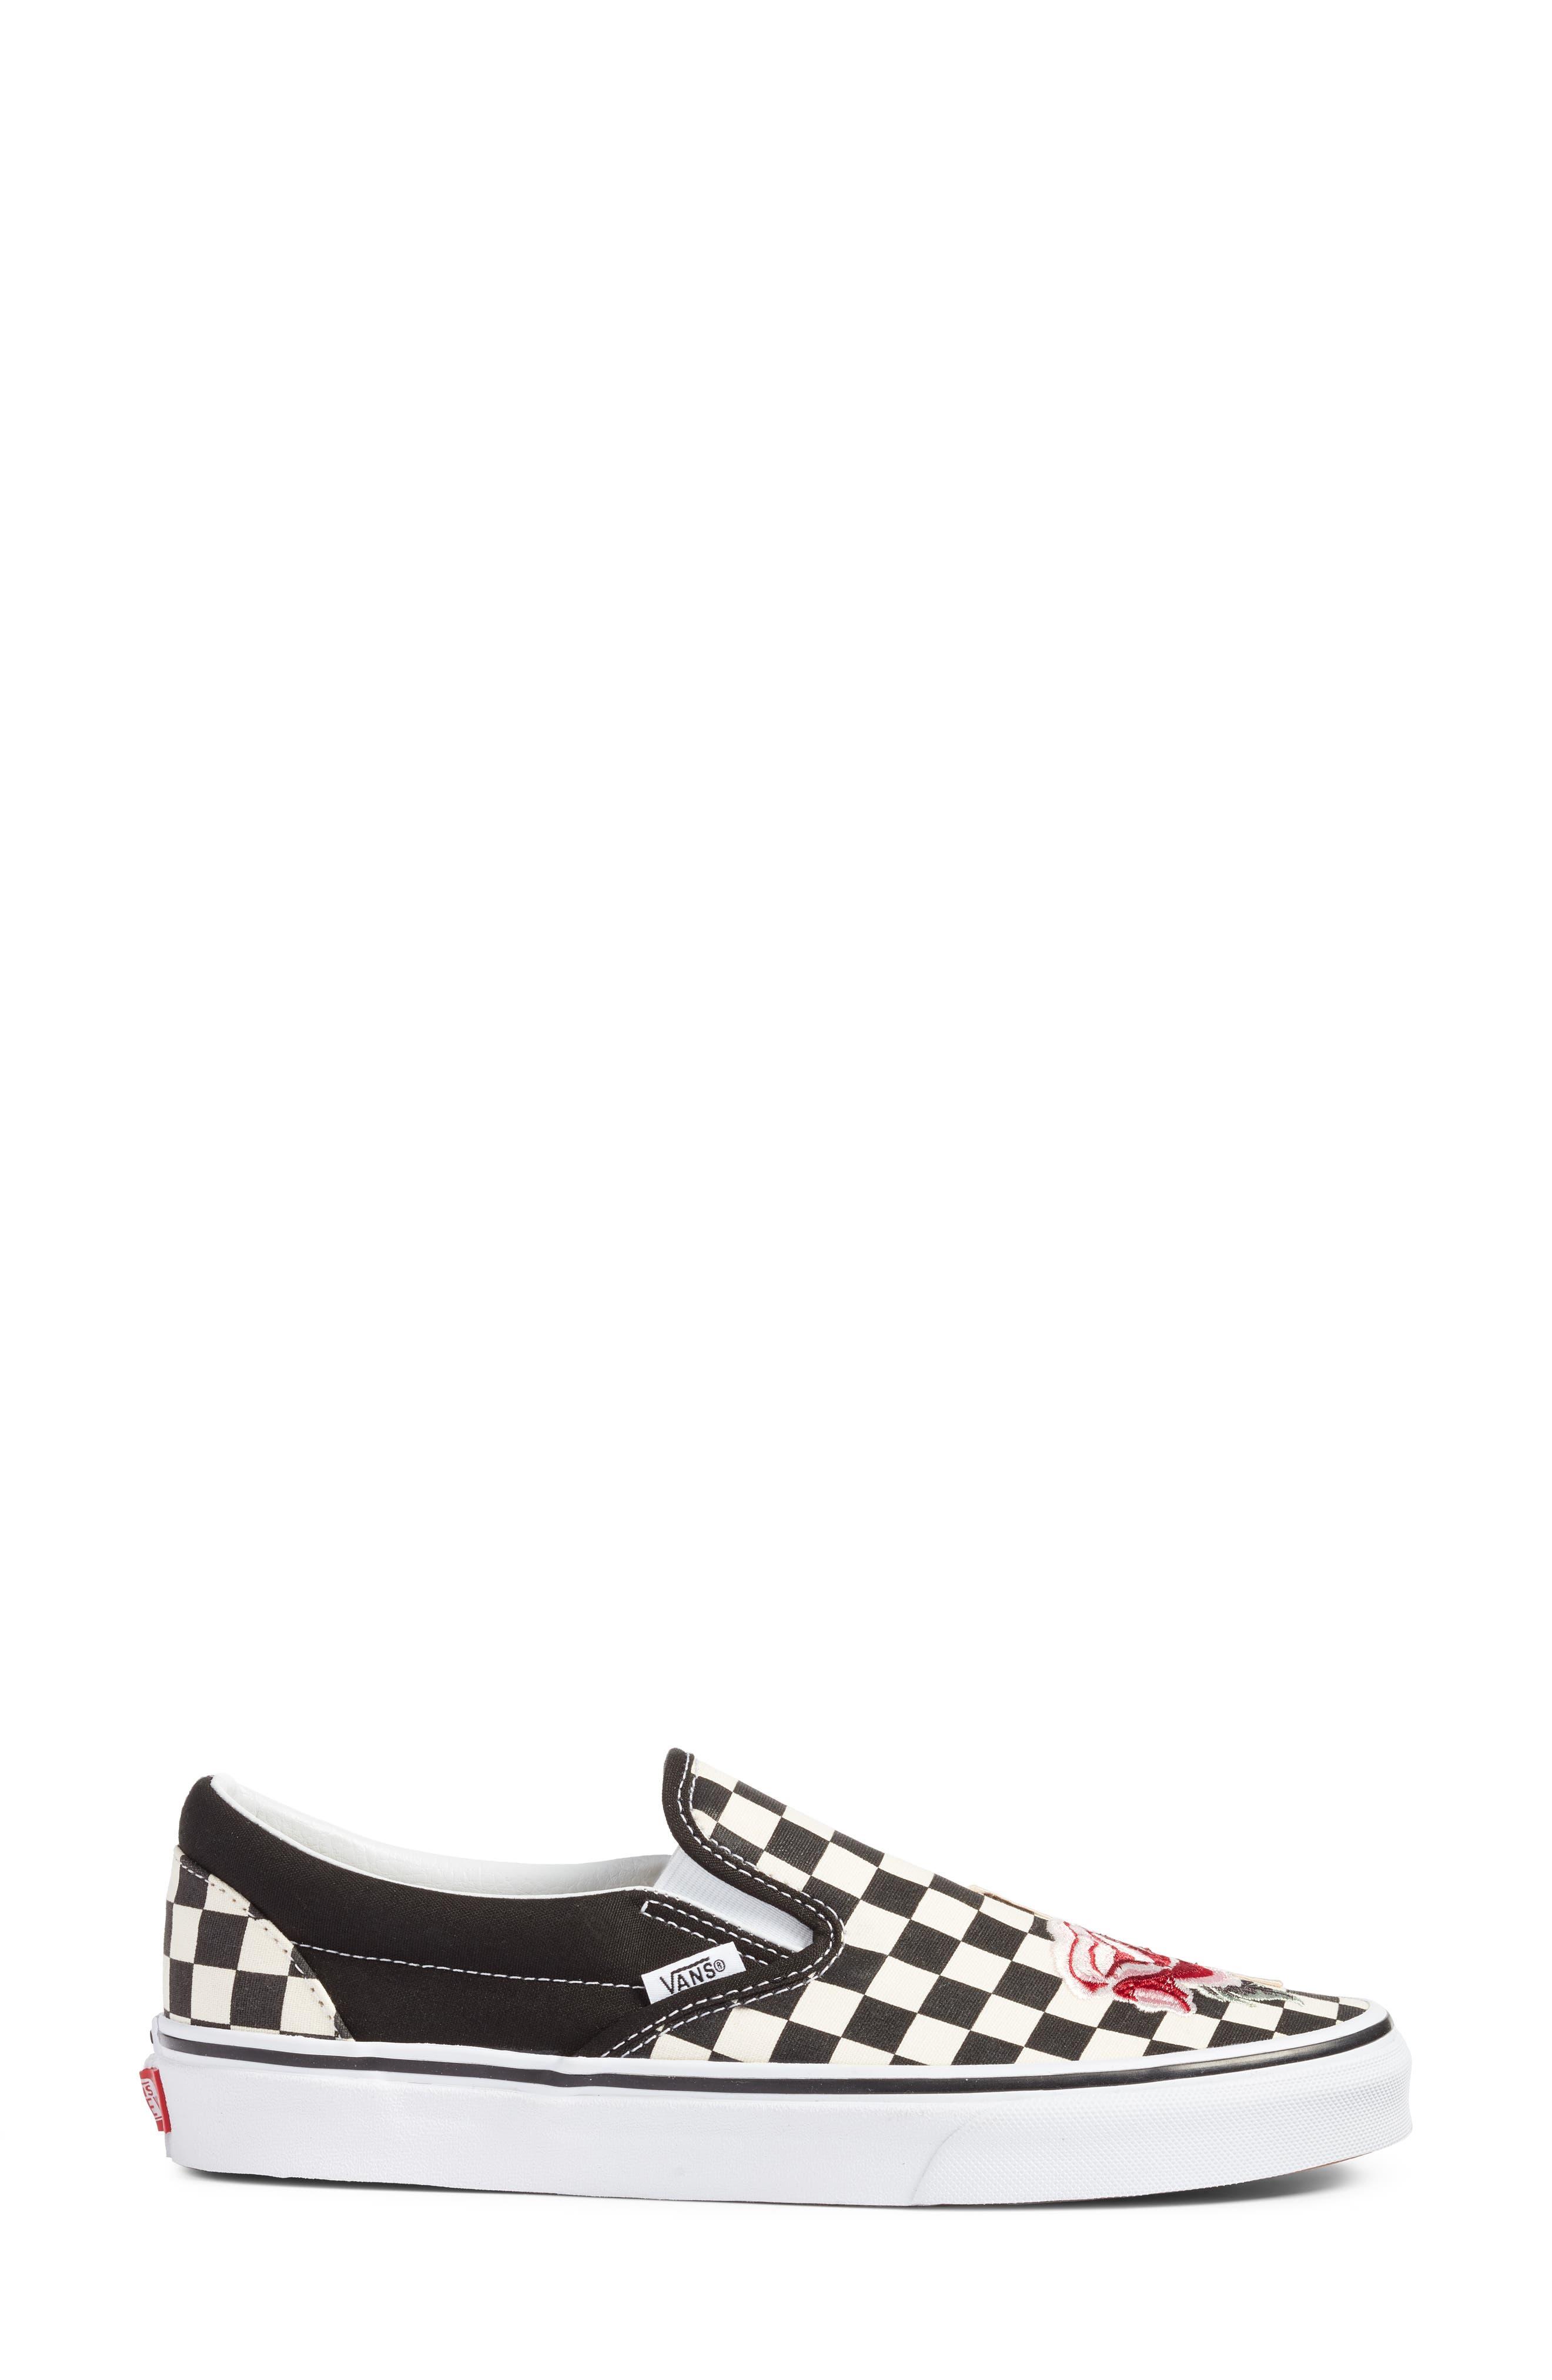 UA Classic Slip-On Sneaker,                             Alternate thumbnail 3, color,                             CHECKER/ ROSE